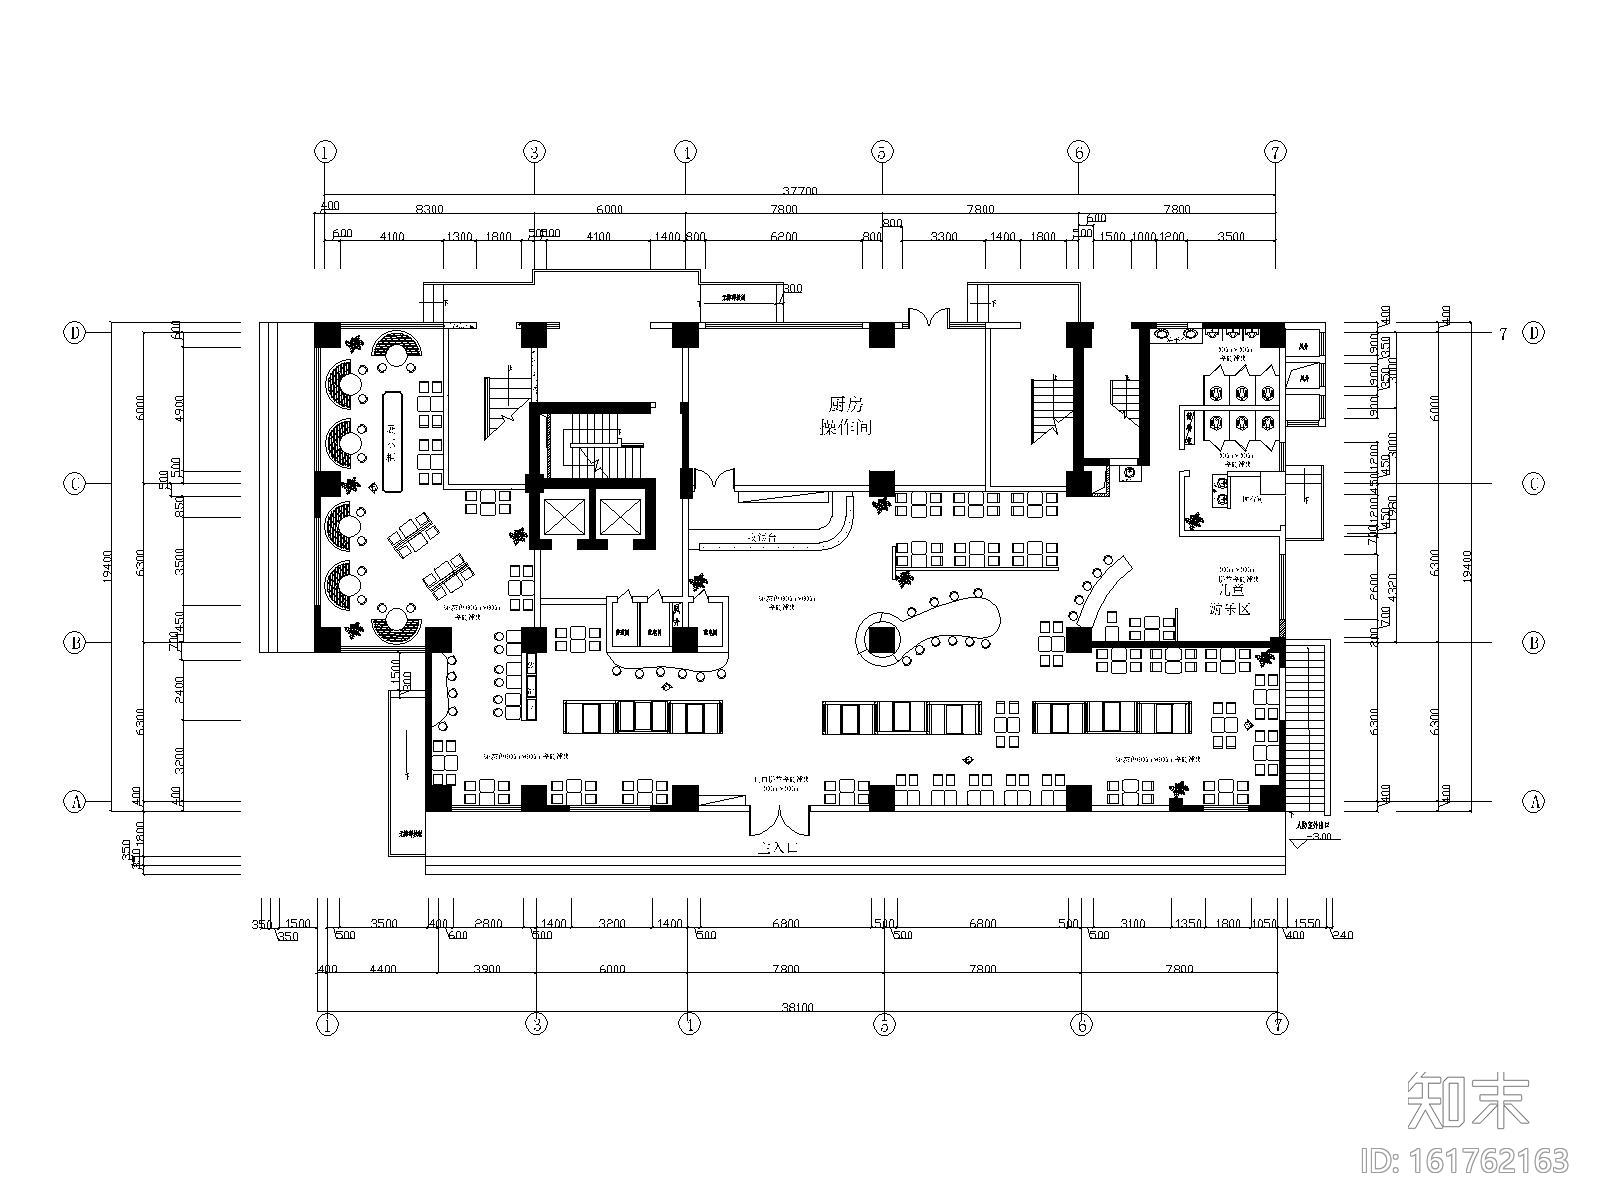 现代简约风格咖啡厅装修施工图(附效果图)施工图下载【ID:161762163】